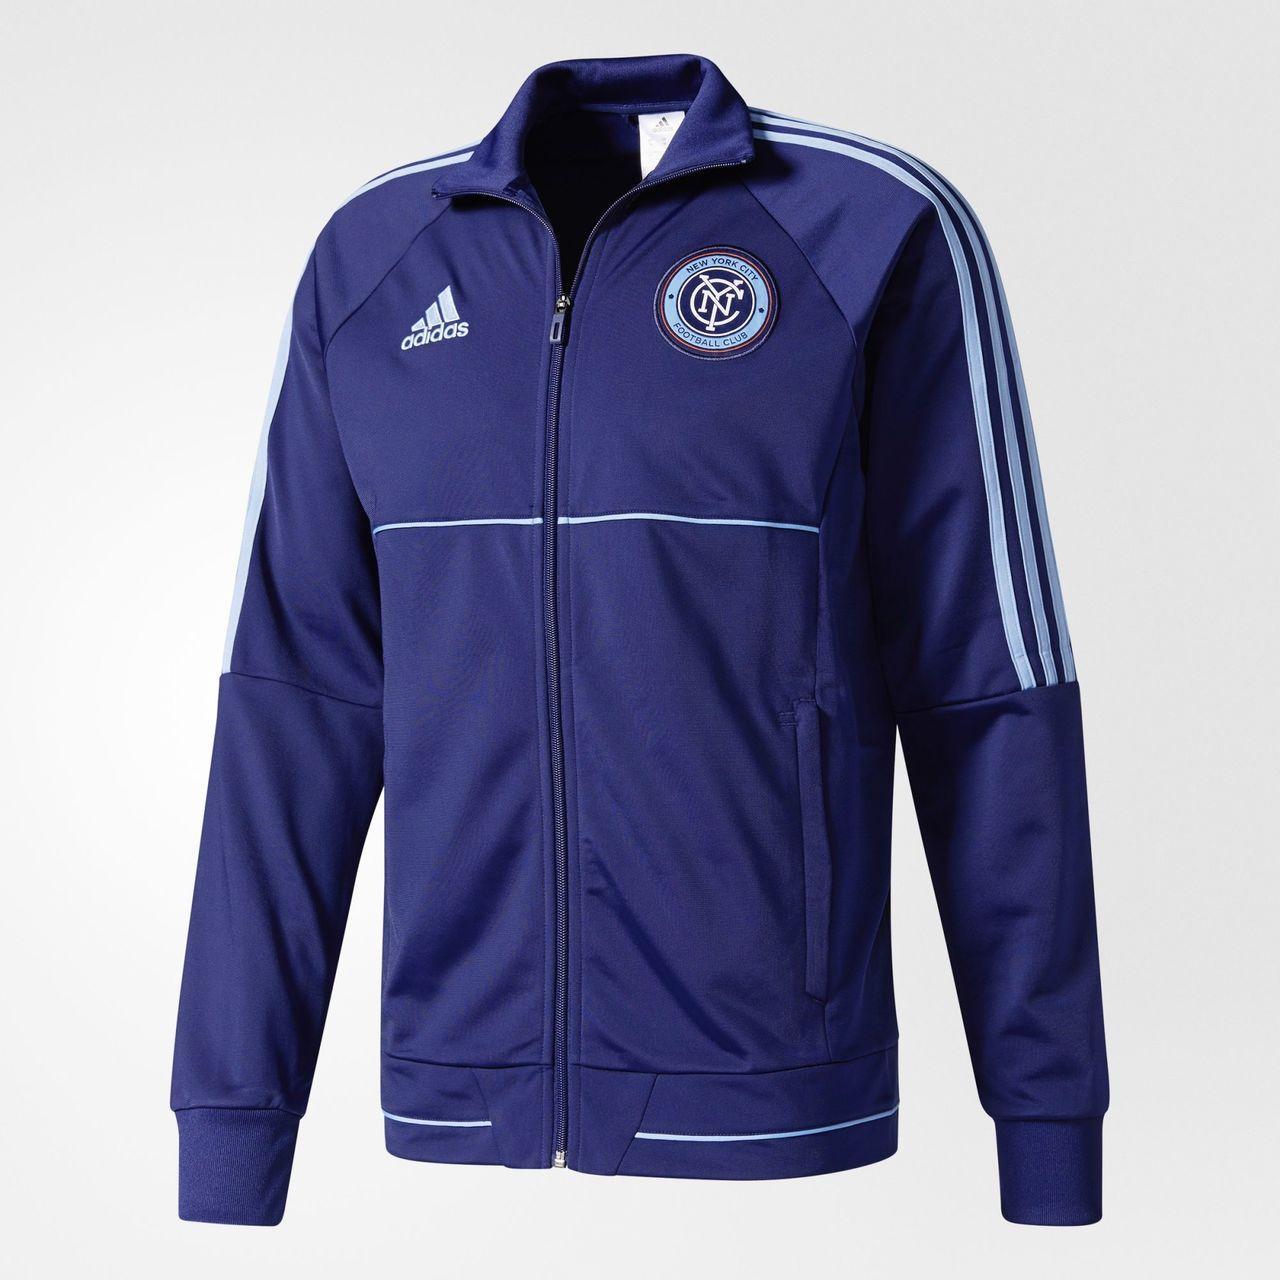 Adidas Anthem Jacket